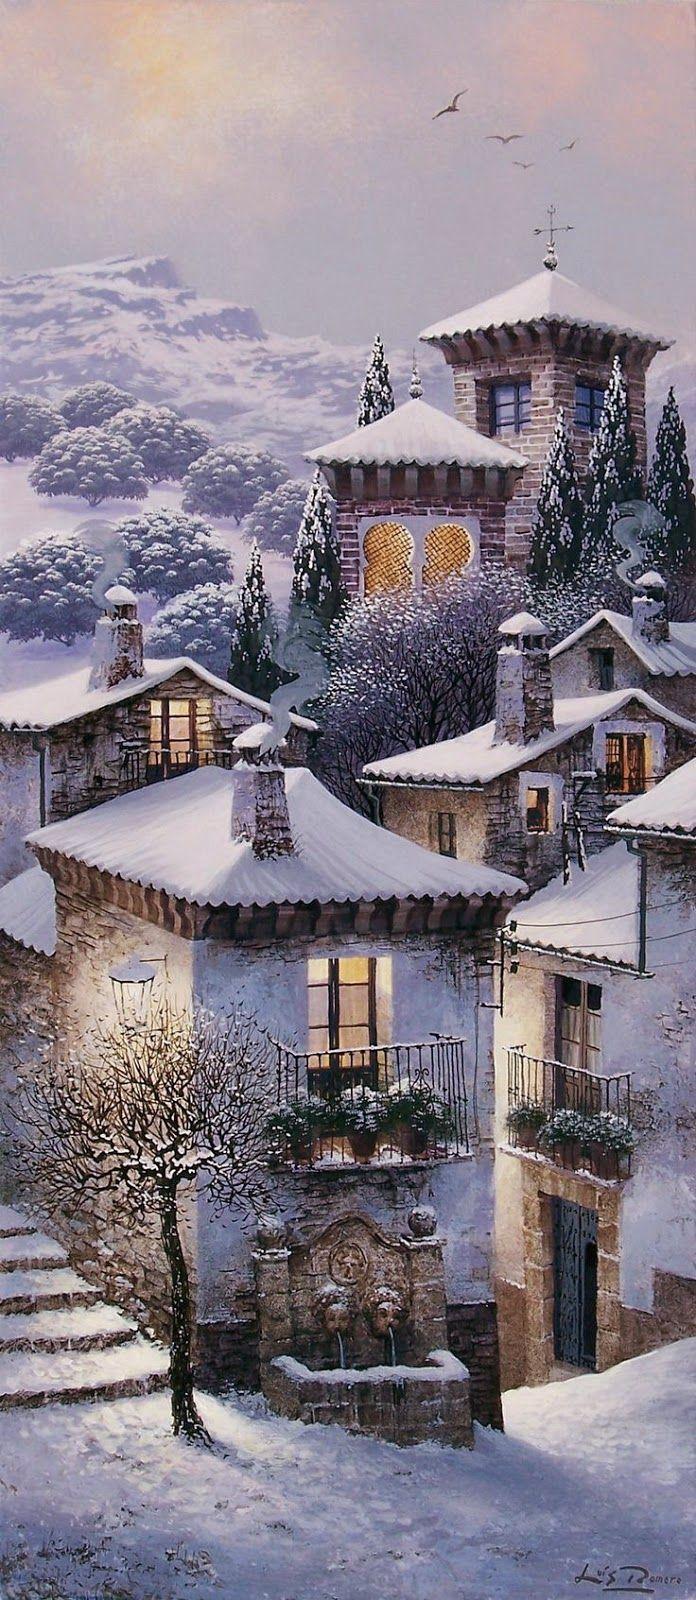 Cartas Rotas: Fuentes de invierno